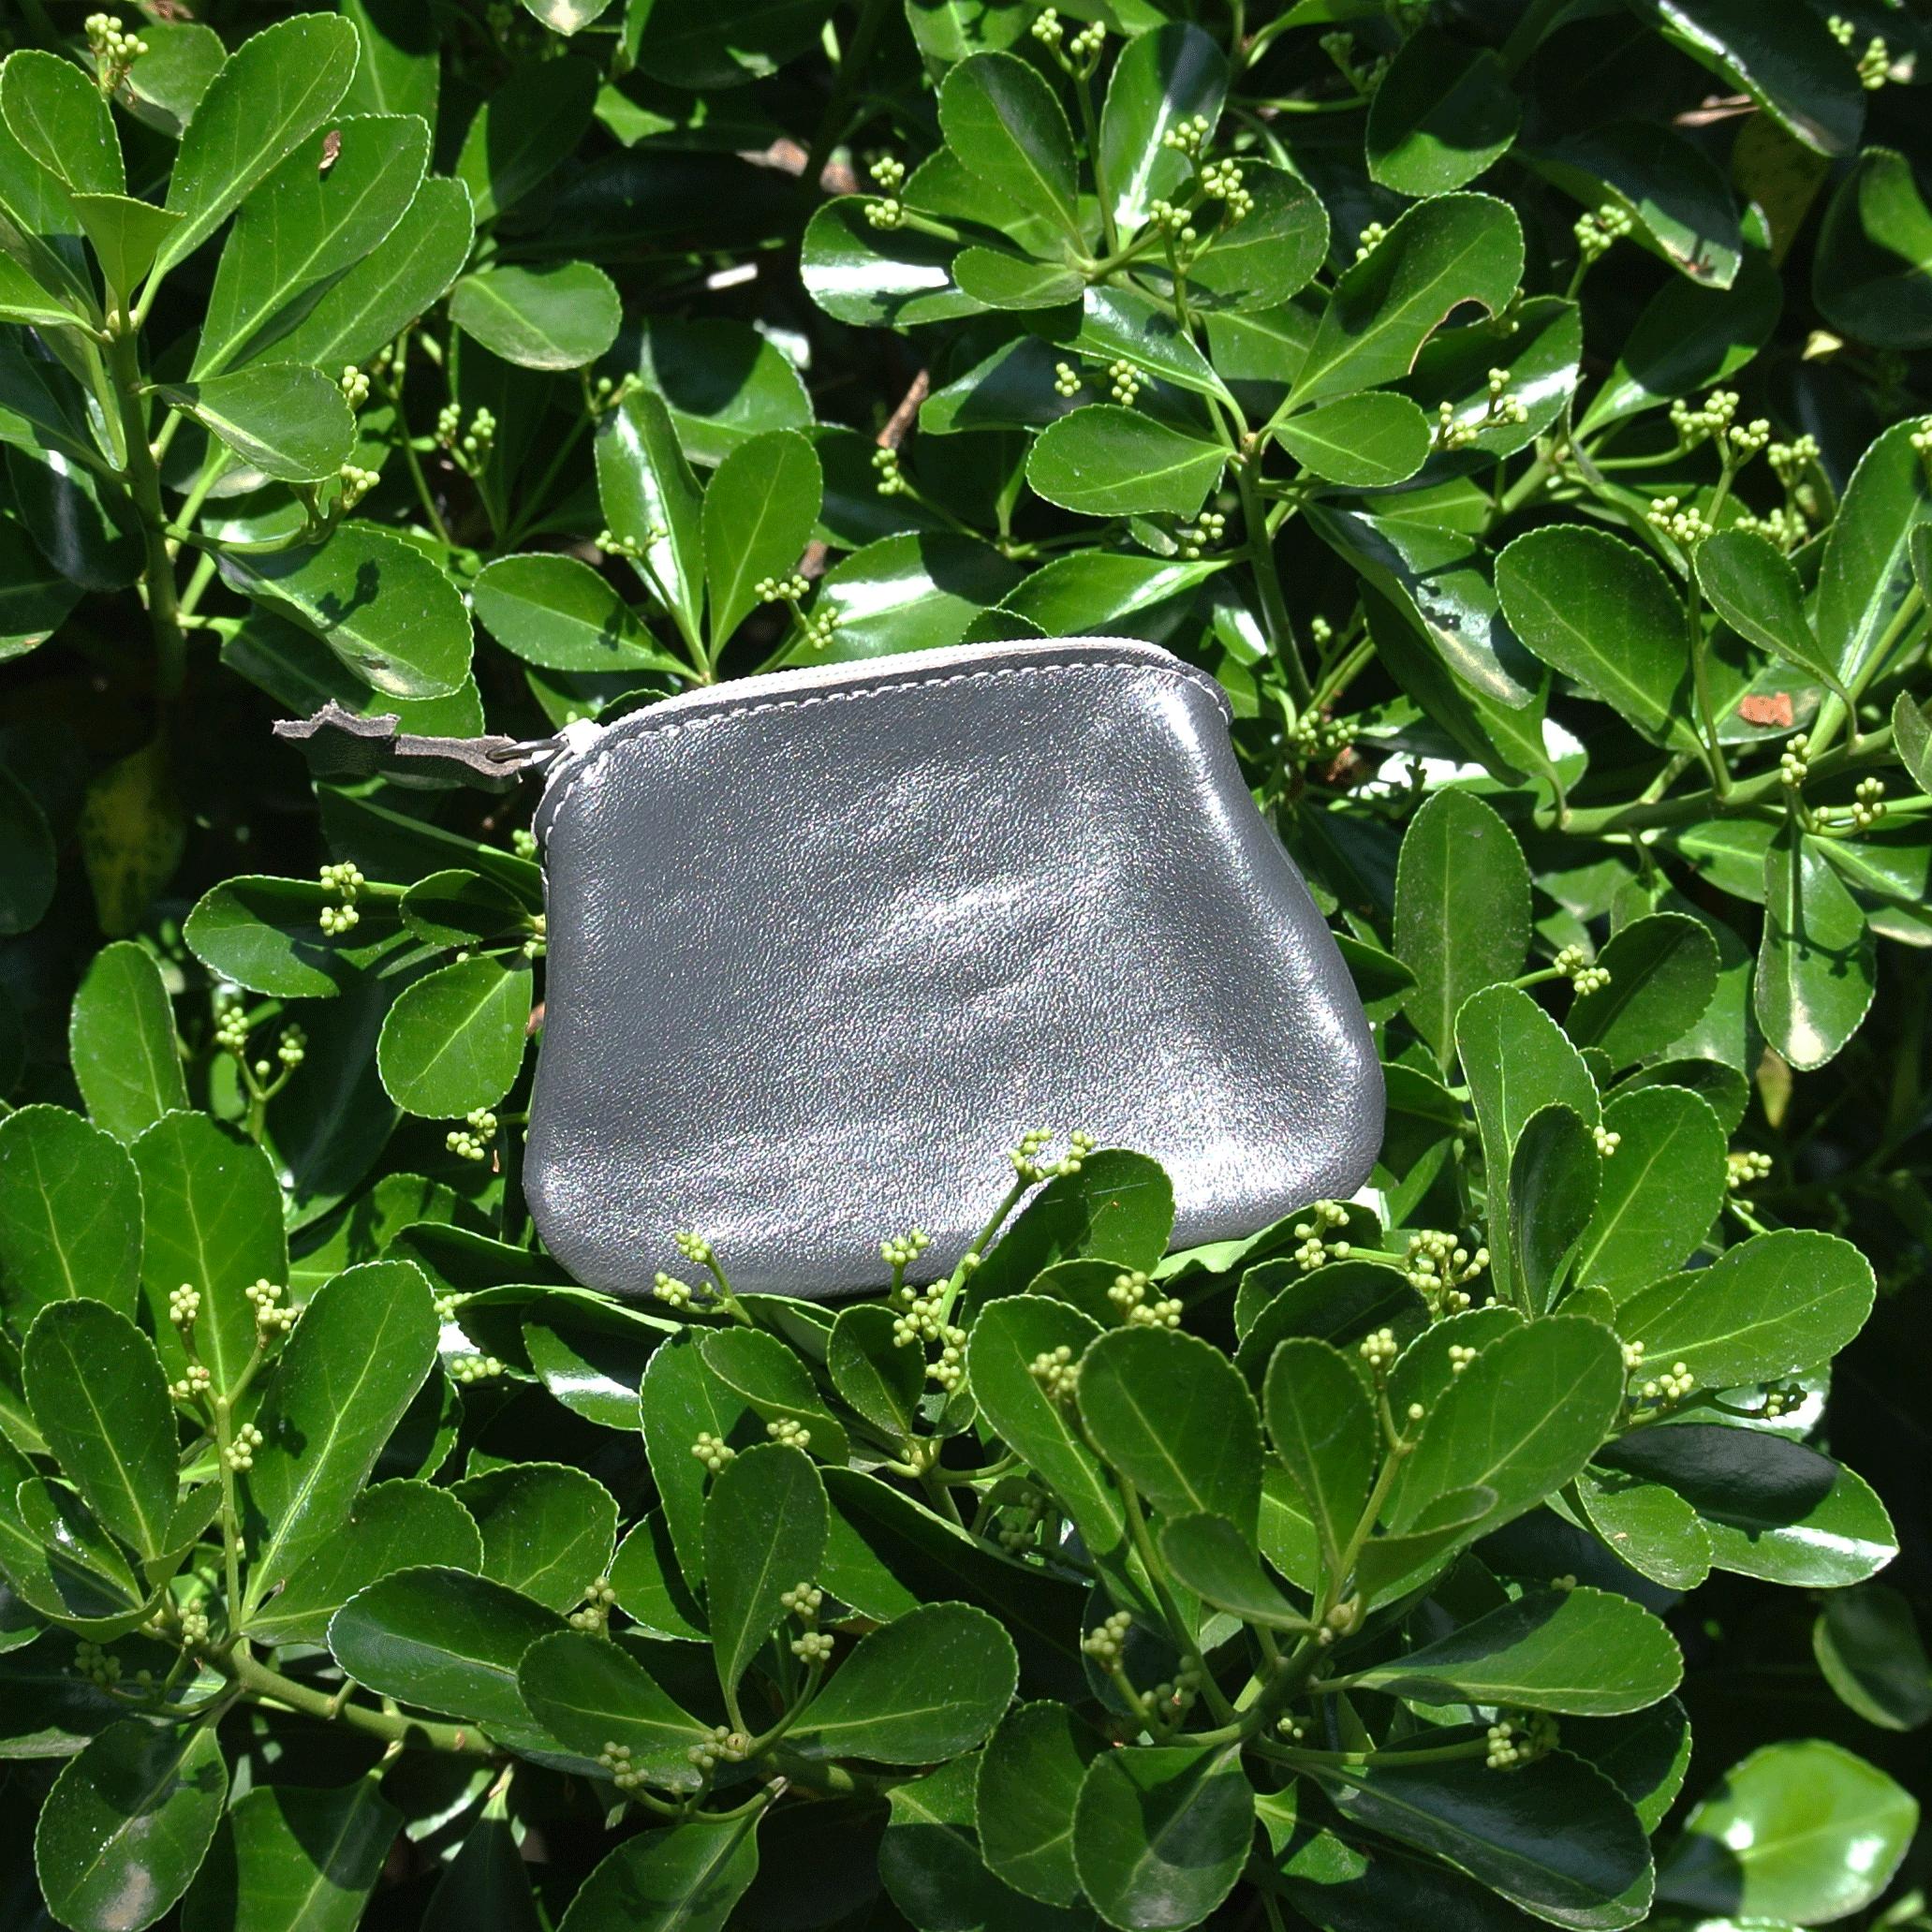 cuirs-fantaisies-la-cartabliere-fabrique-en-france-porte-monnaie-kiwi-en-cuir-glace-mulot